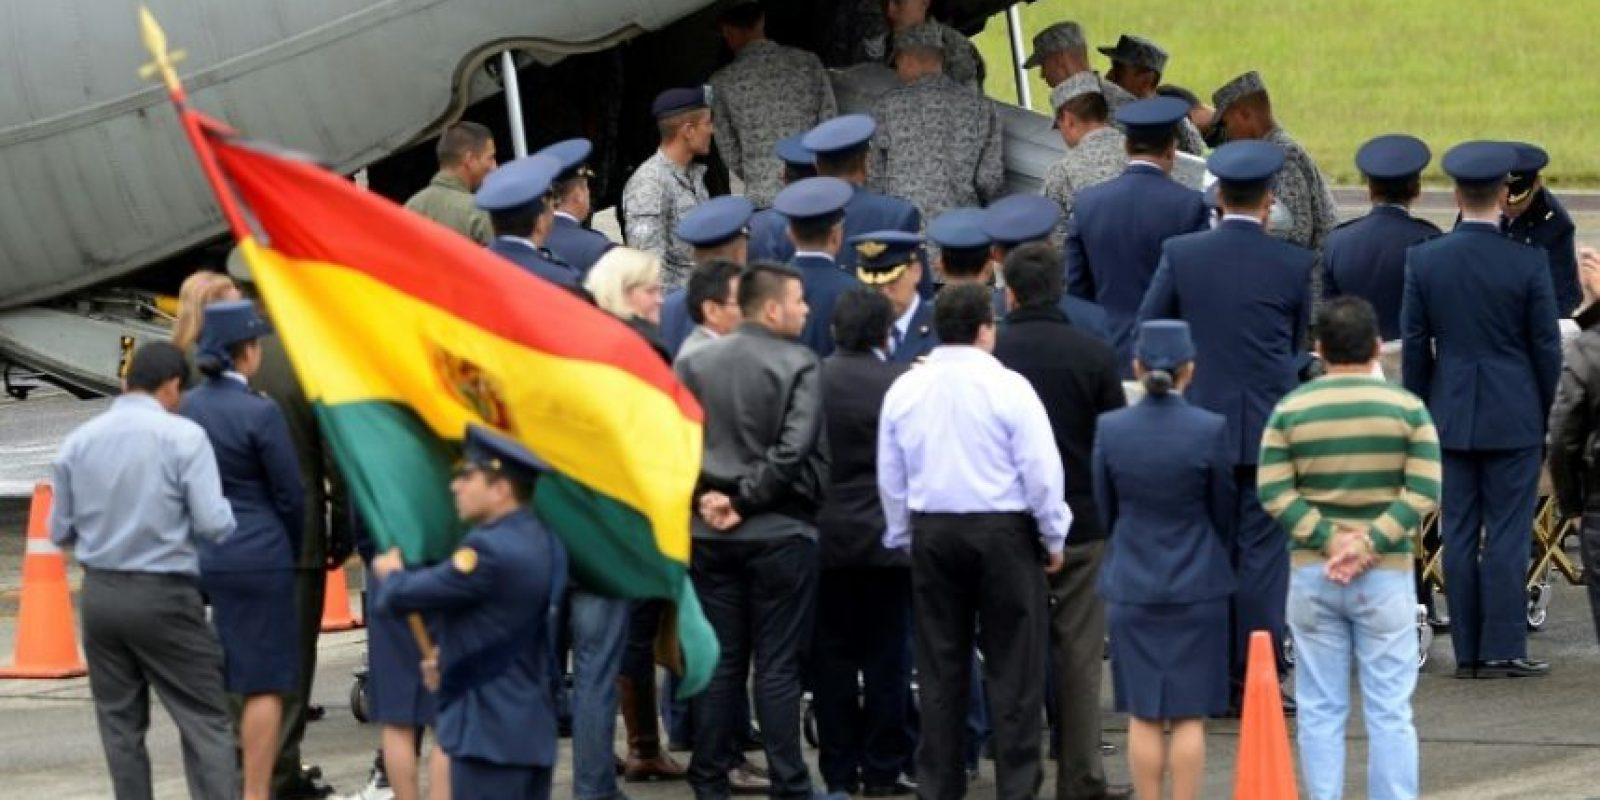 Integrantes de la Fuerza Aérea llevan los ataúdes de las víctimas después del accidente con el plantel de Chapecoense, el 2 de diciembre de 2016 en Rionegro, Colombia Foto:Raúl Arboleda/afp.com